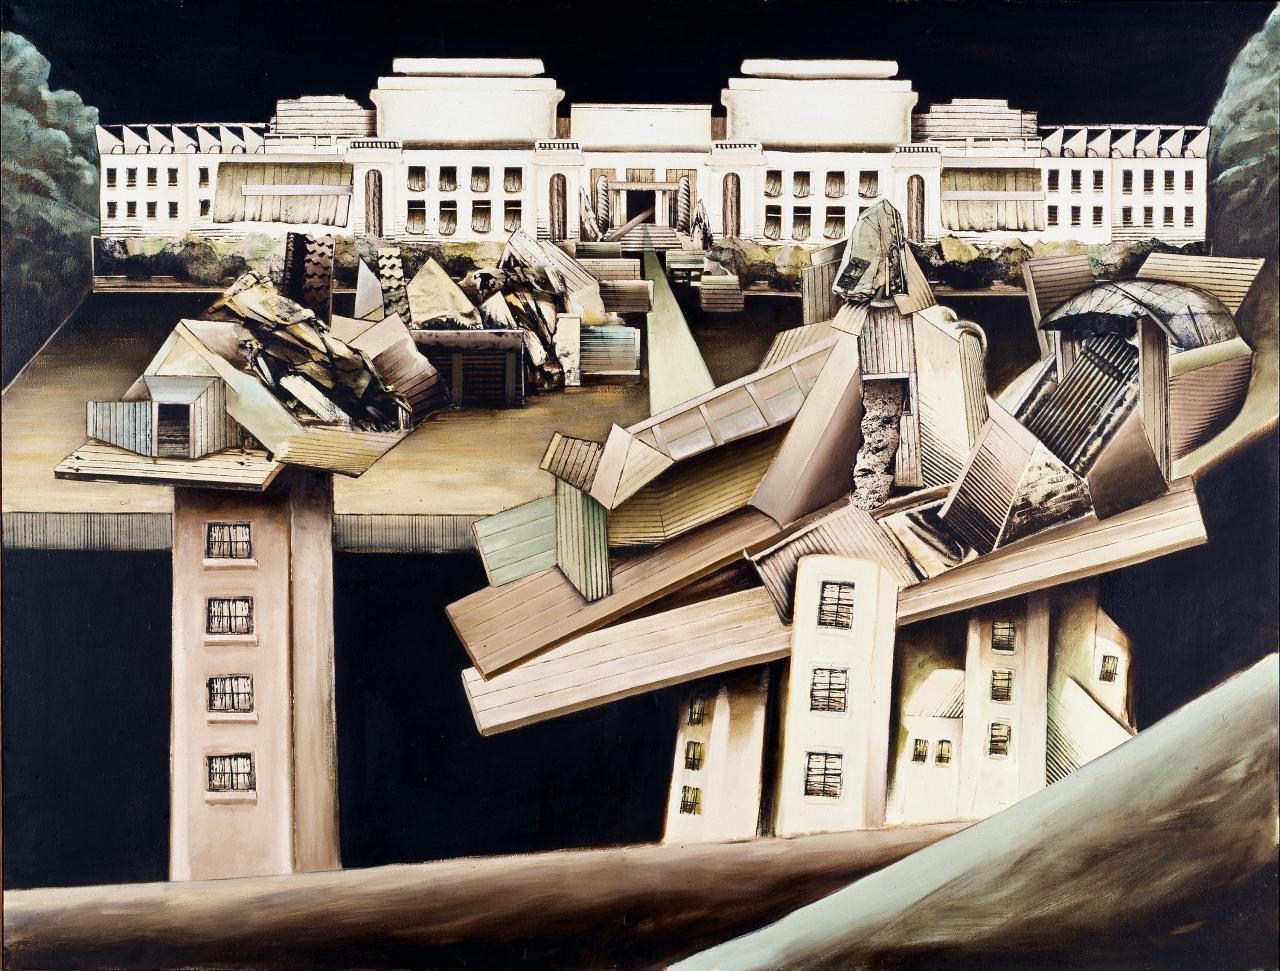 Jan Senbergs Observation–Imagination image